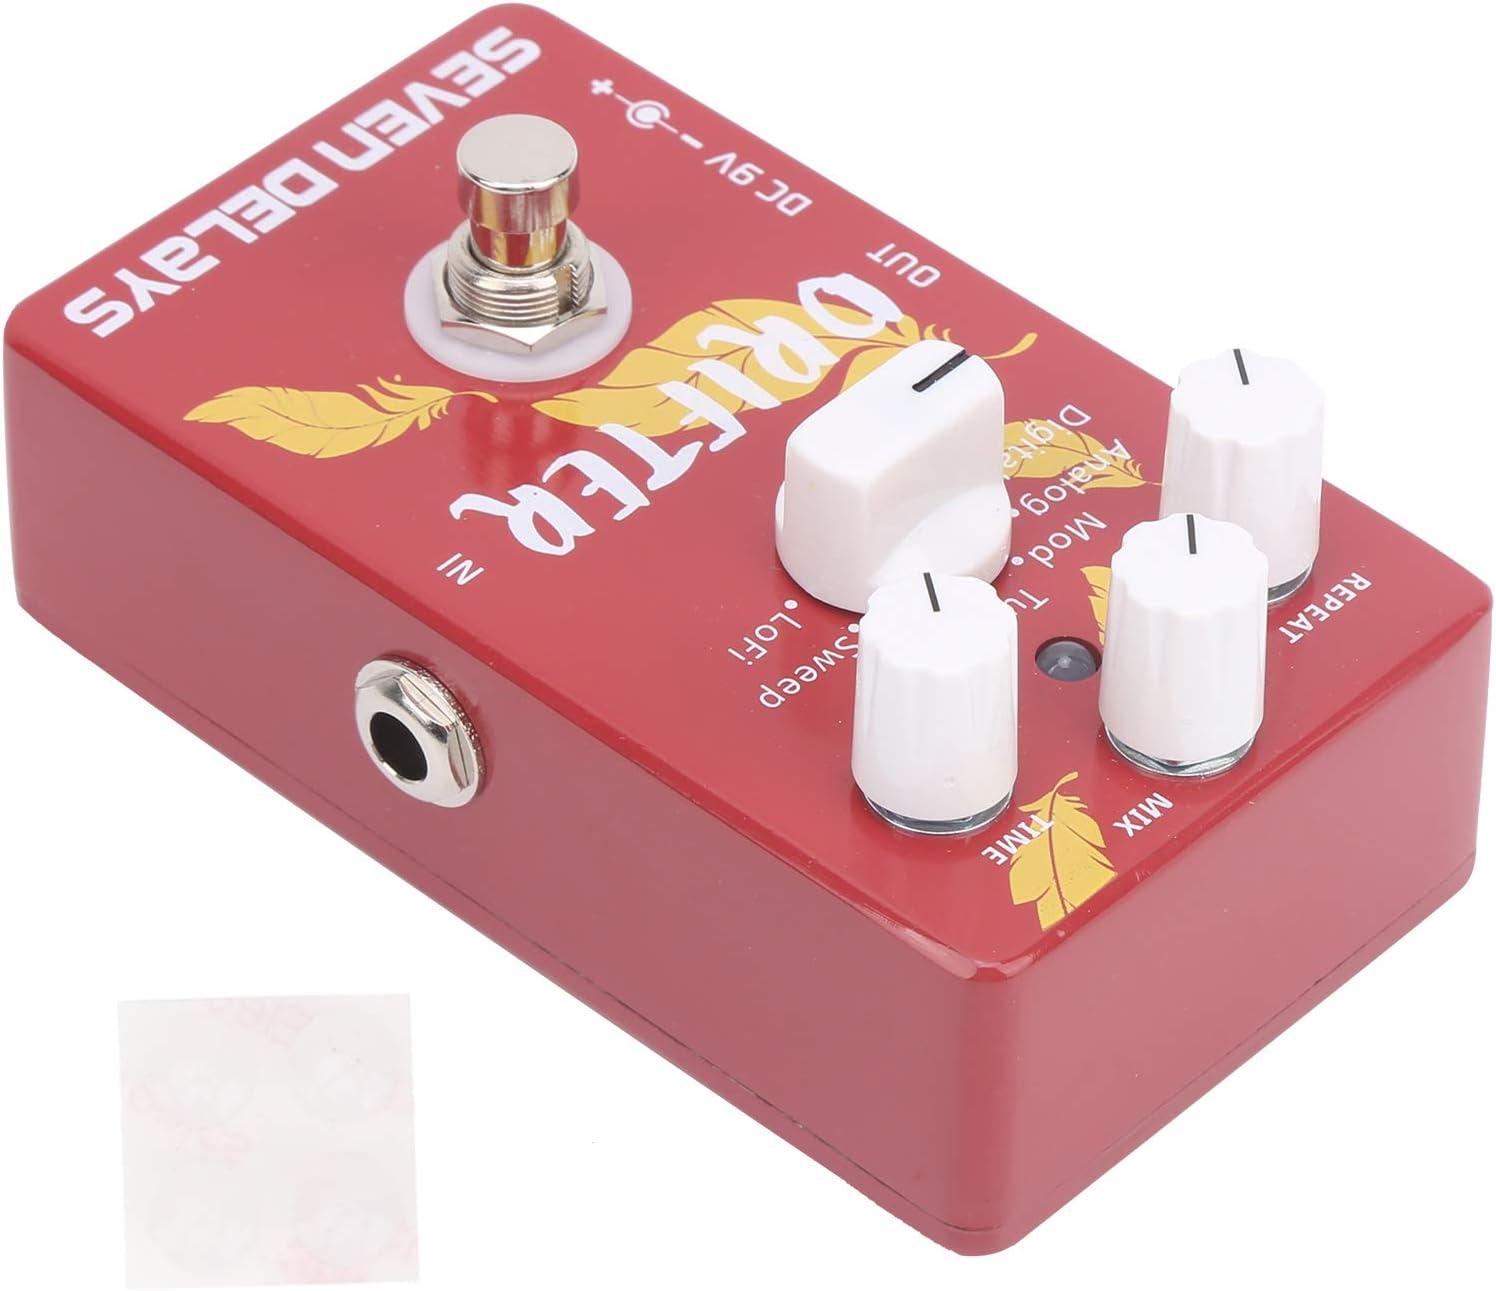 Efecto de pedal de retardo, modulación de pedal, 7 modos de efectos, modulación de refuerzo, accesorios de guitarra armónica DC 9V